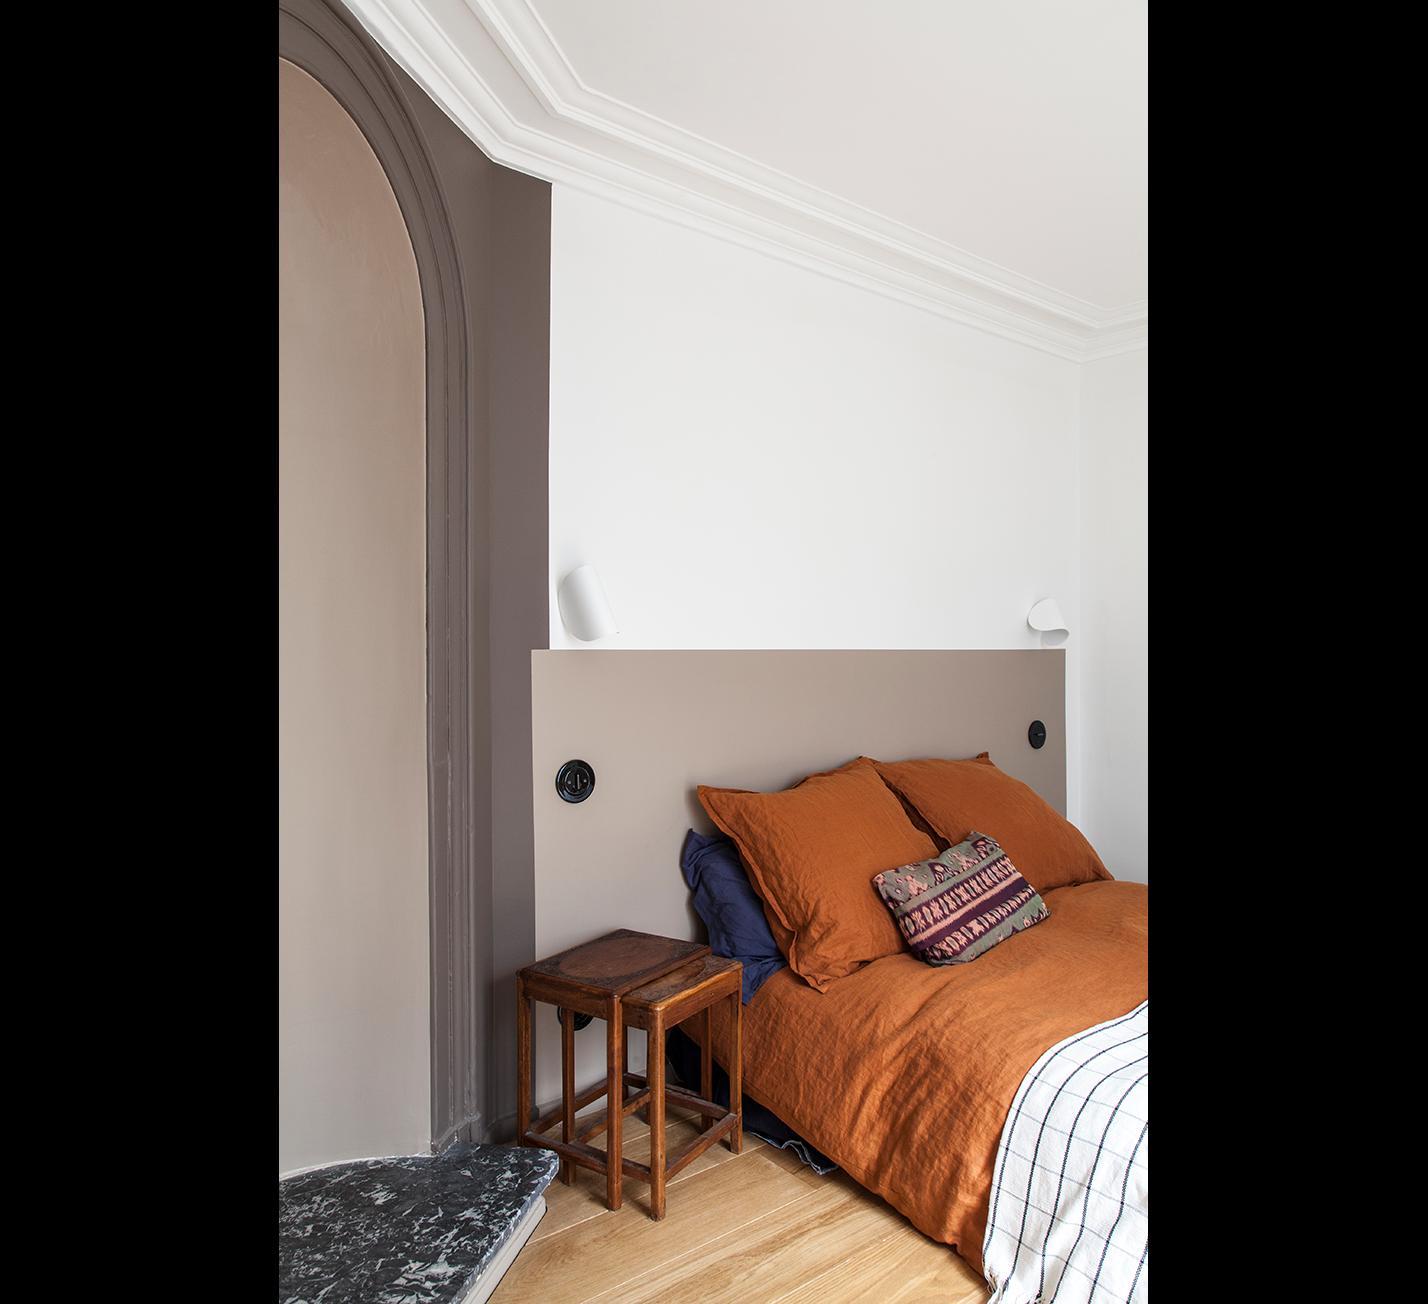 Projet-Pigalle-Atelier-Steve-Pauline-Borgia-Architecture-interieur-20